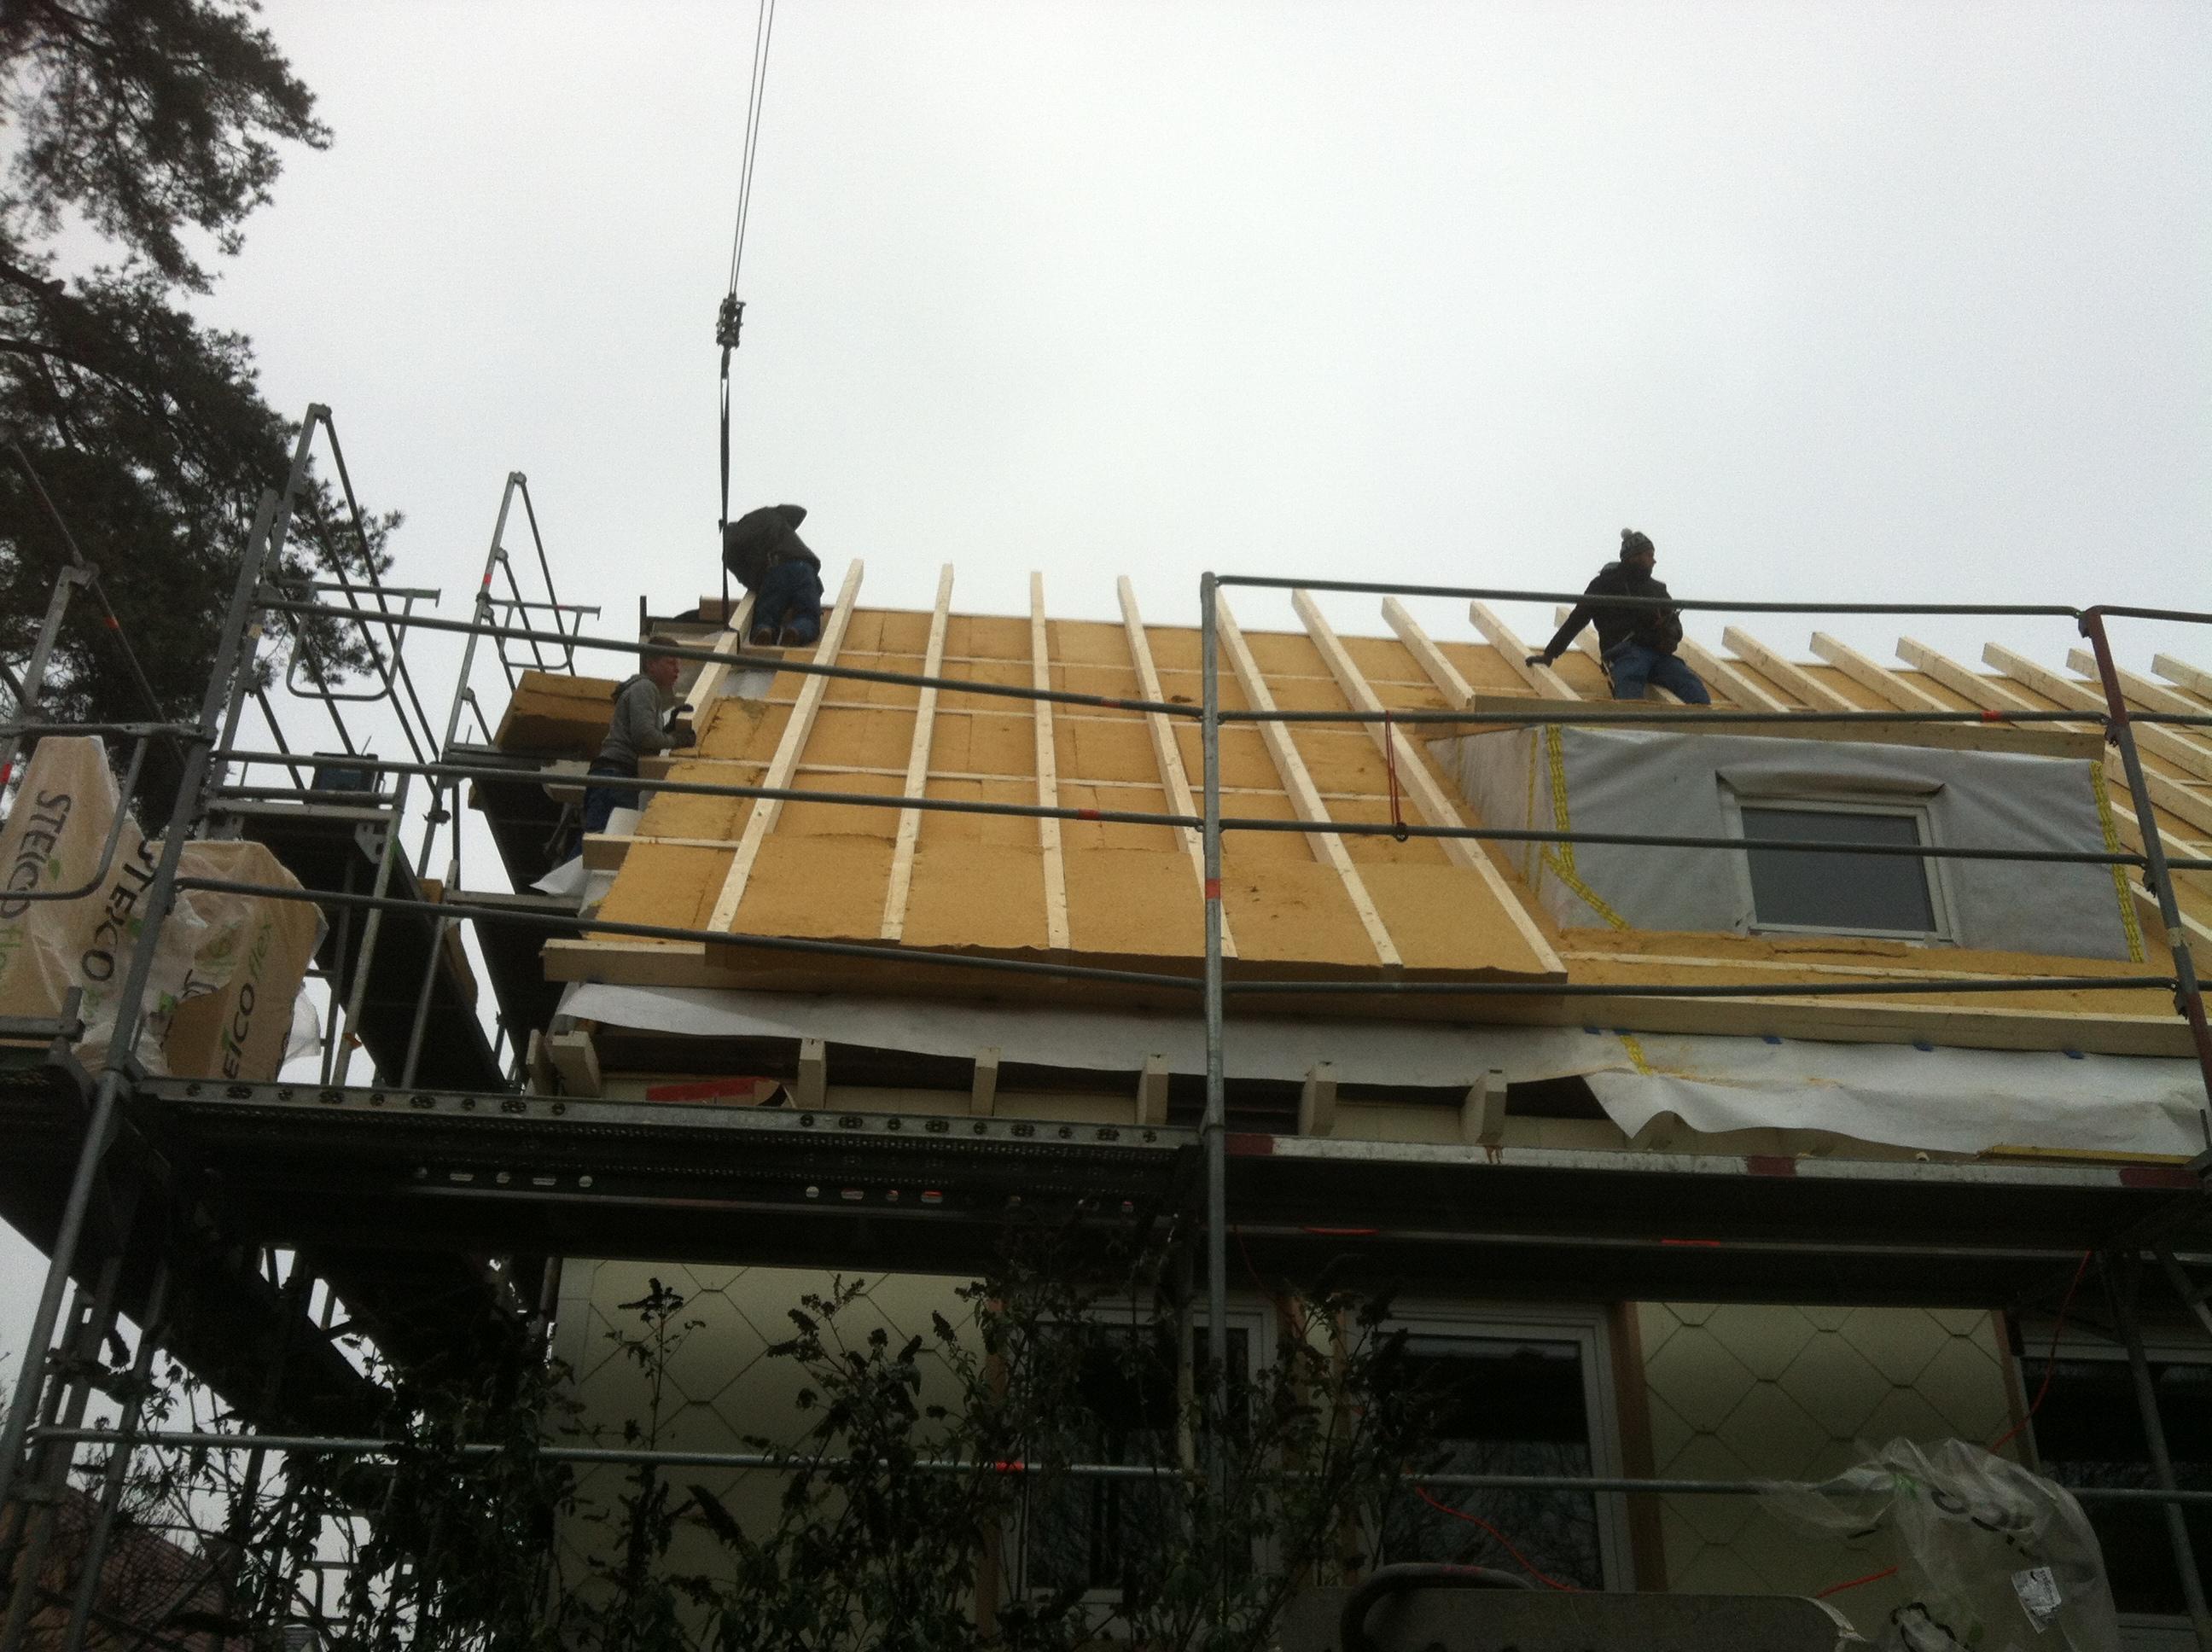 R novation et isolation d 39 une toiture et de murs abt bois for Amelioration isolation maison